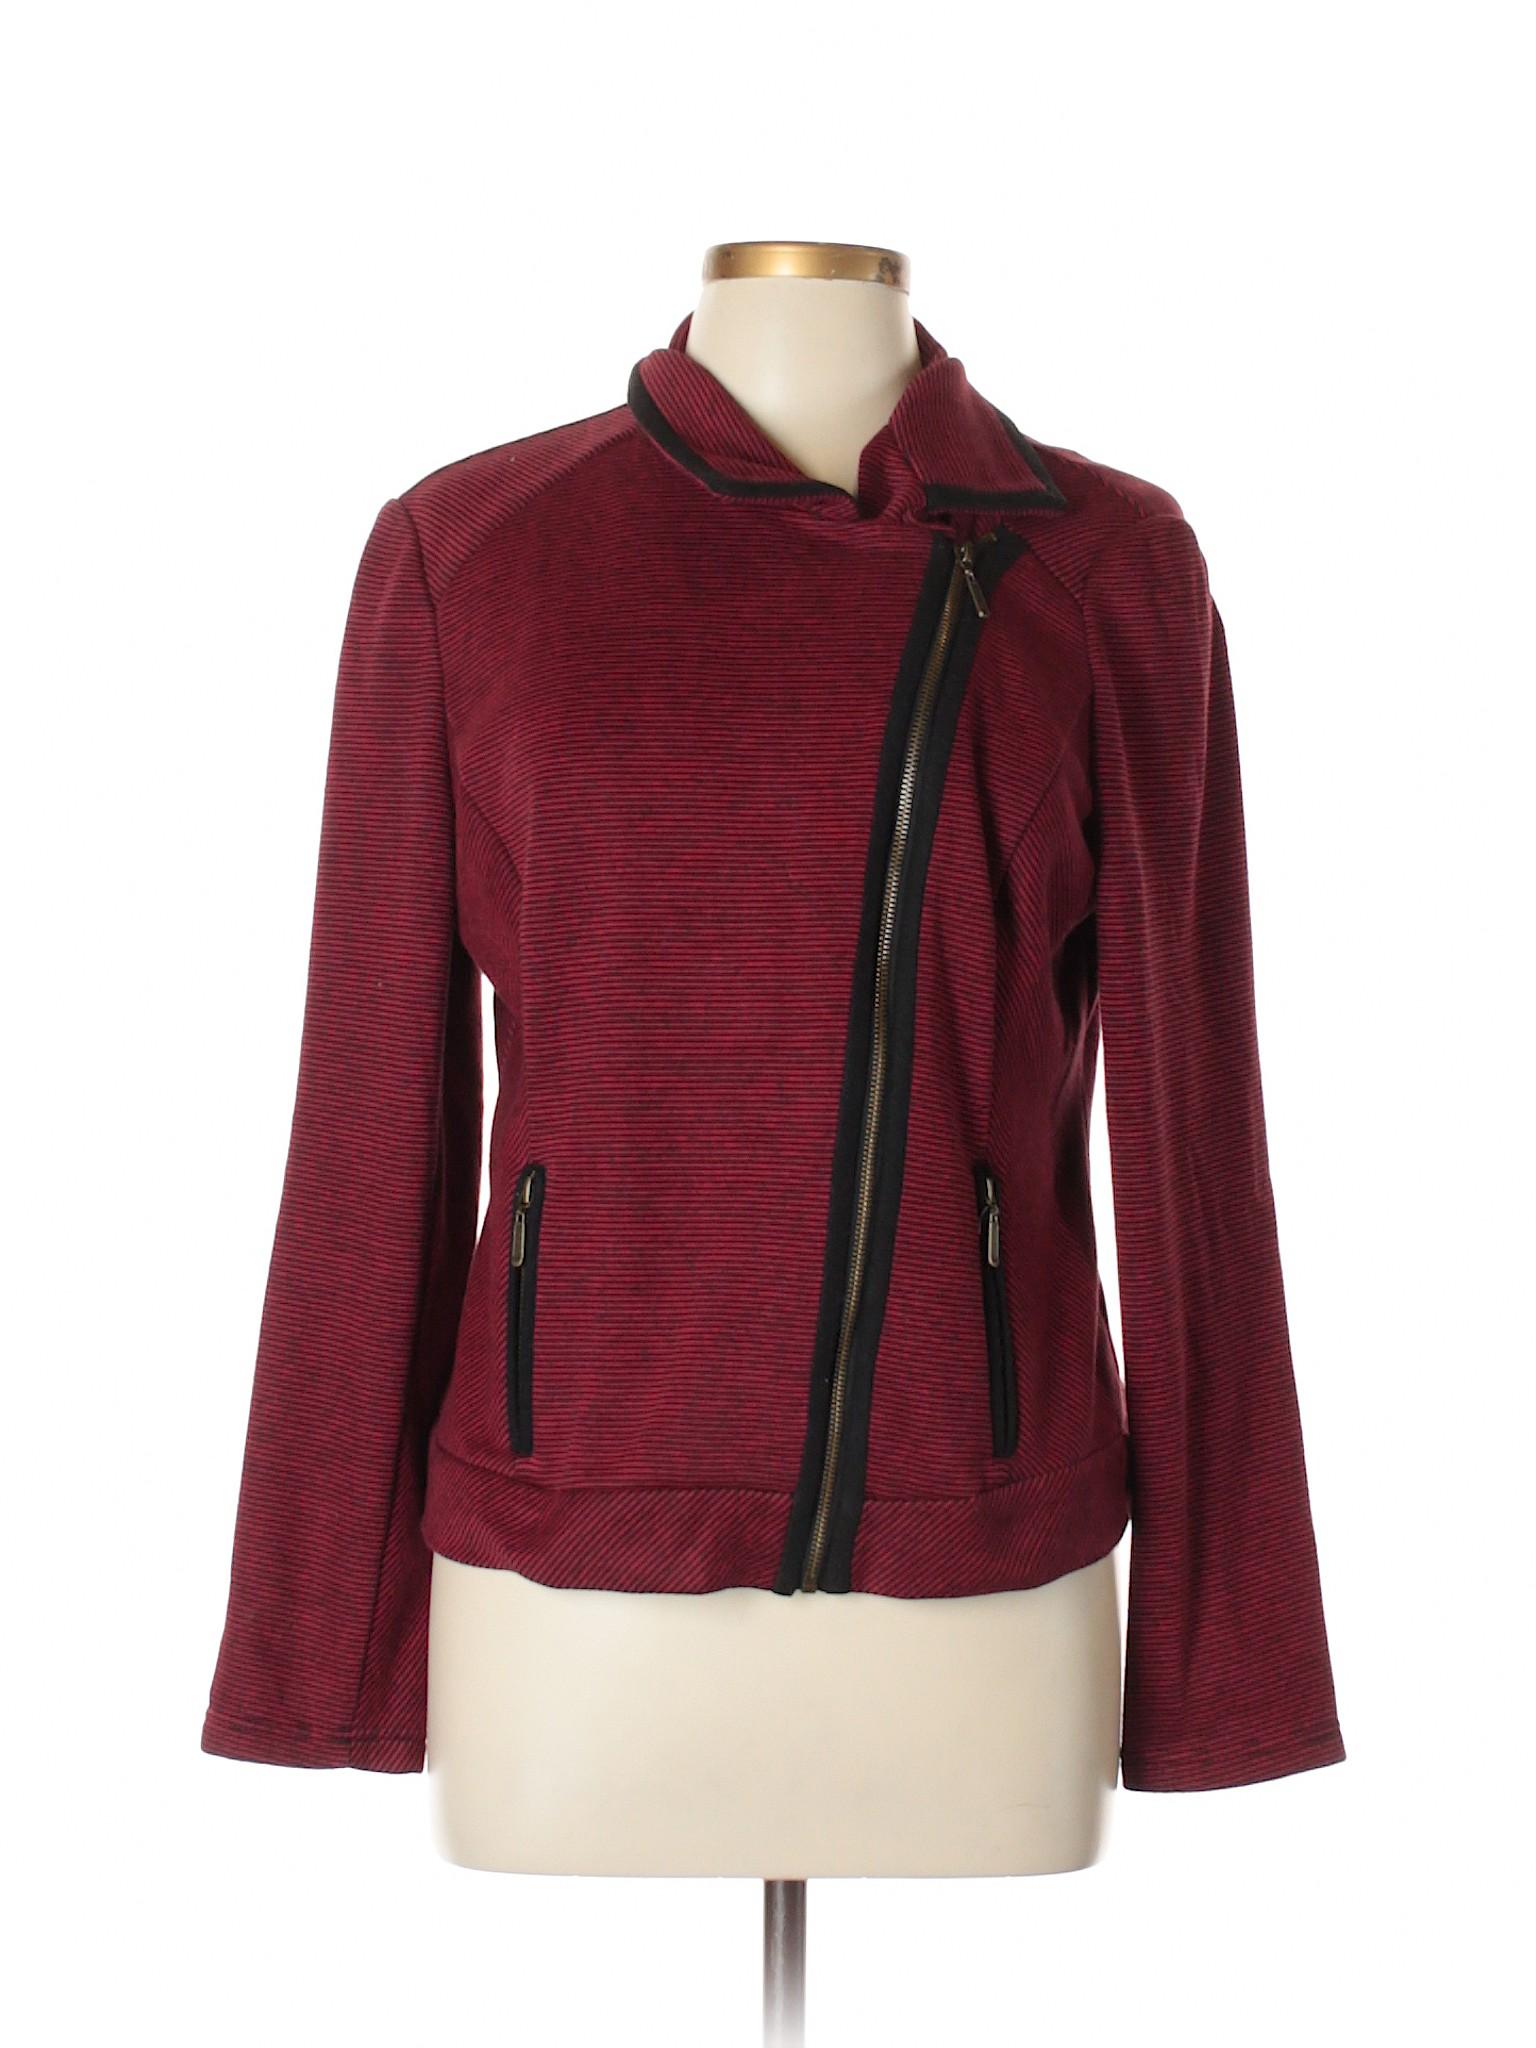 leisure Boutique Jacket 209 Boutique 209 Boutique leisure leisure Boutique leisure 209 Jacket 209 Jacket Boutique Jacket HBAwPqwx5